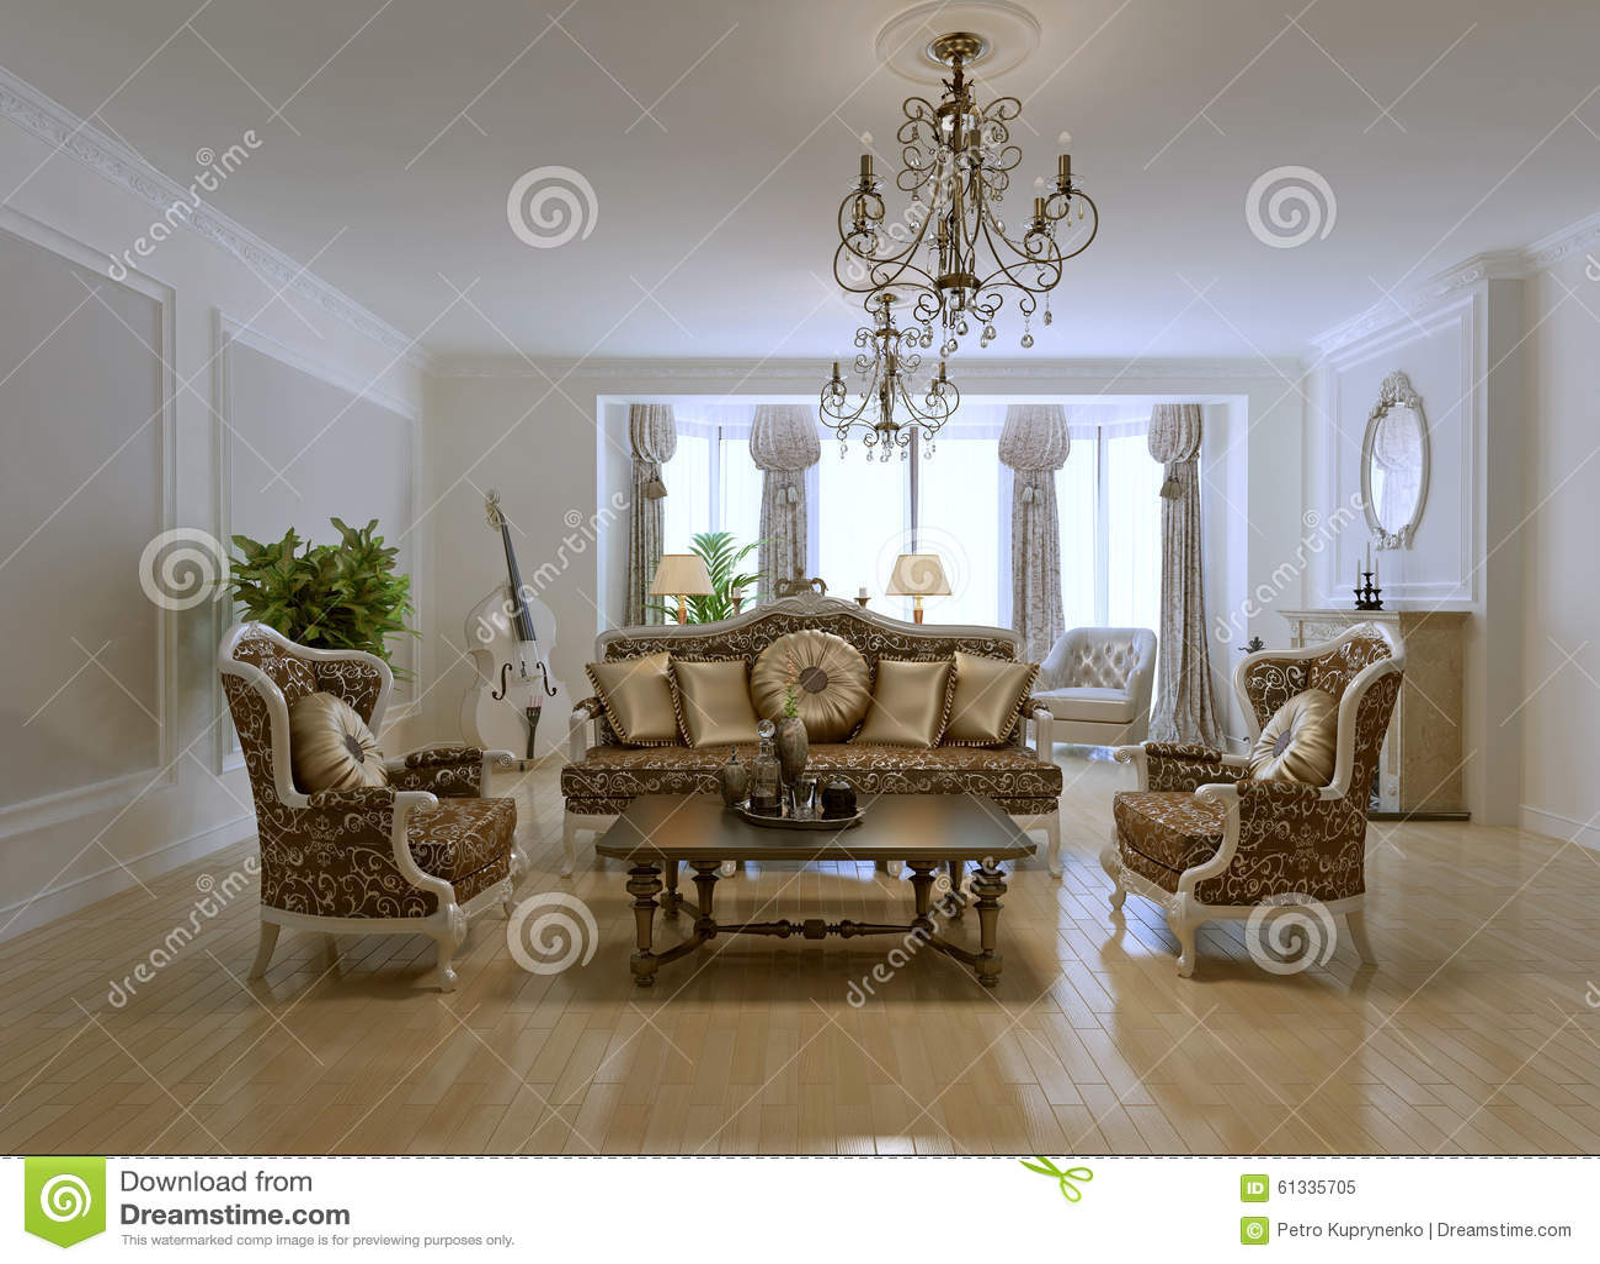 Ontwerp Van Rijke Woonkamer Stock Illustratie - Afbeelding: 61335705